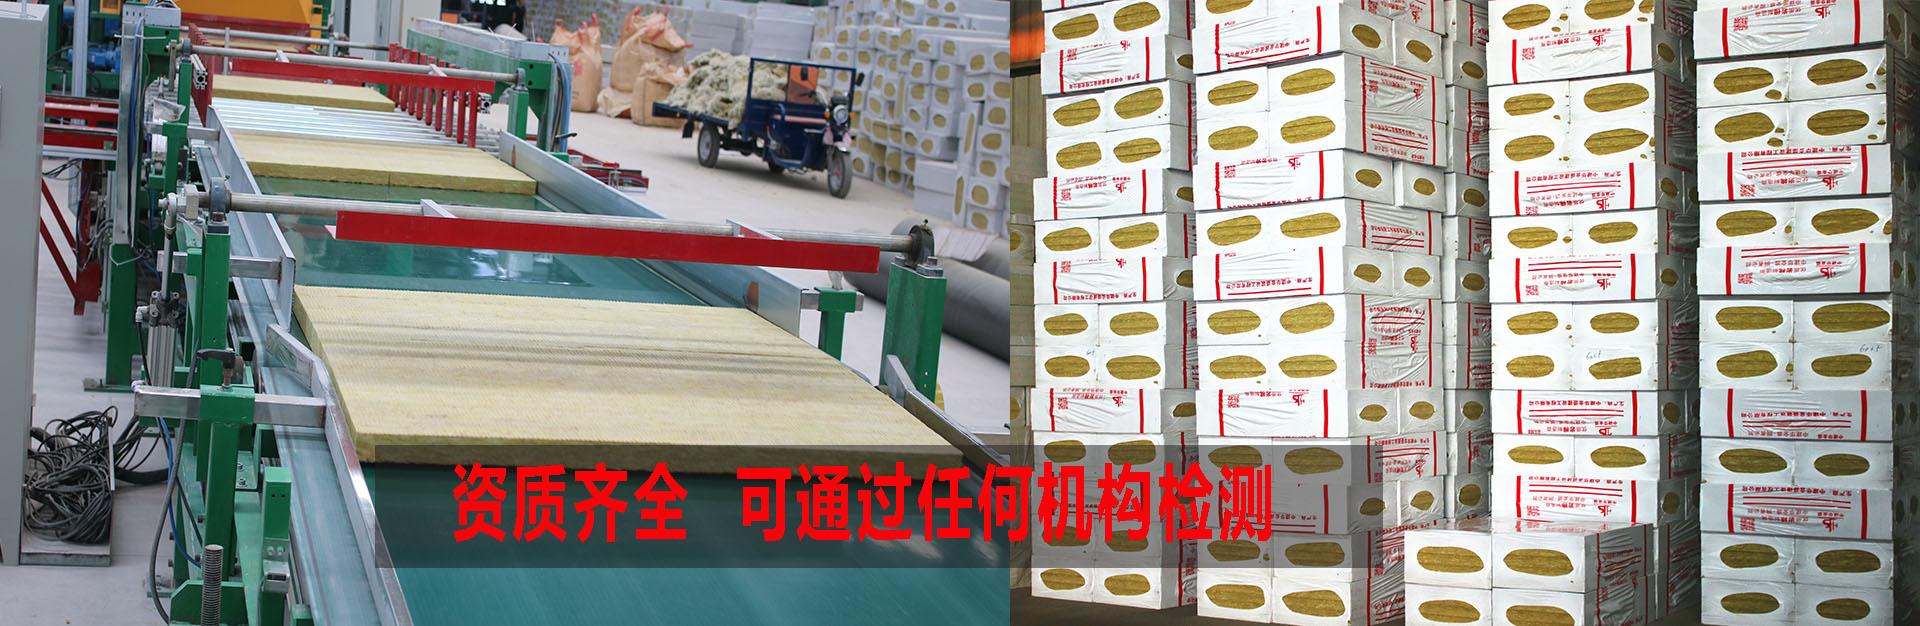 岩棉板厂家,挤塑板供应商